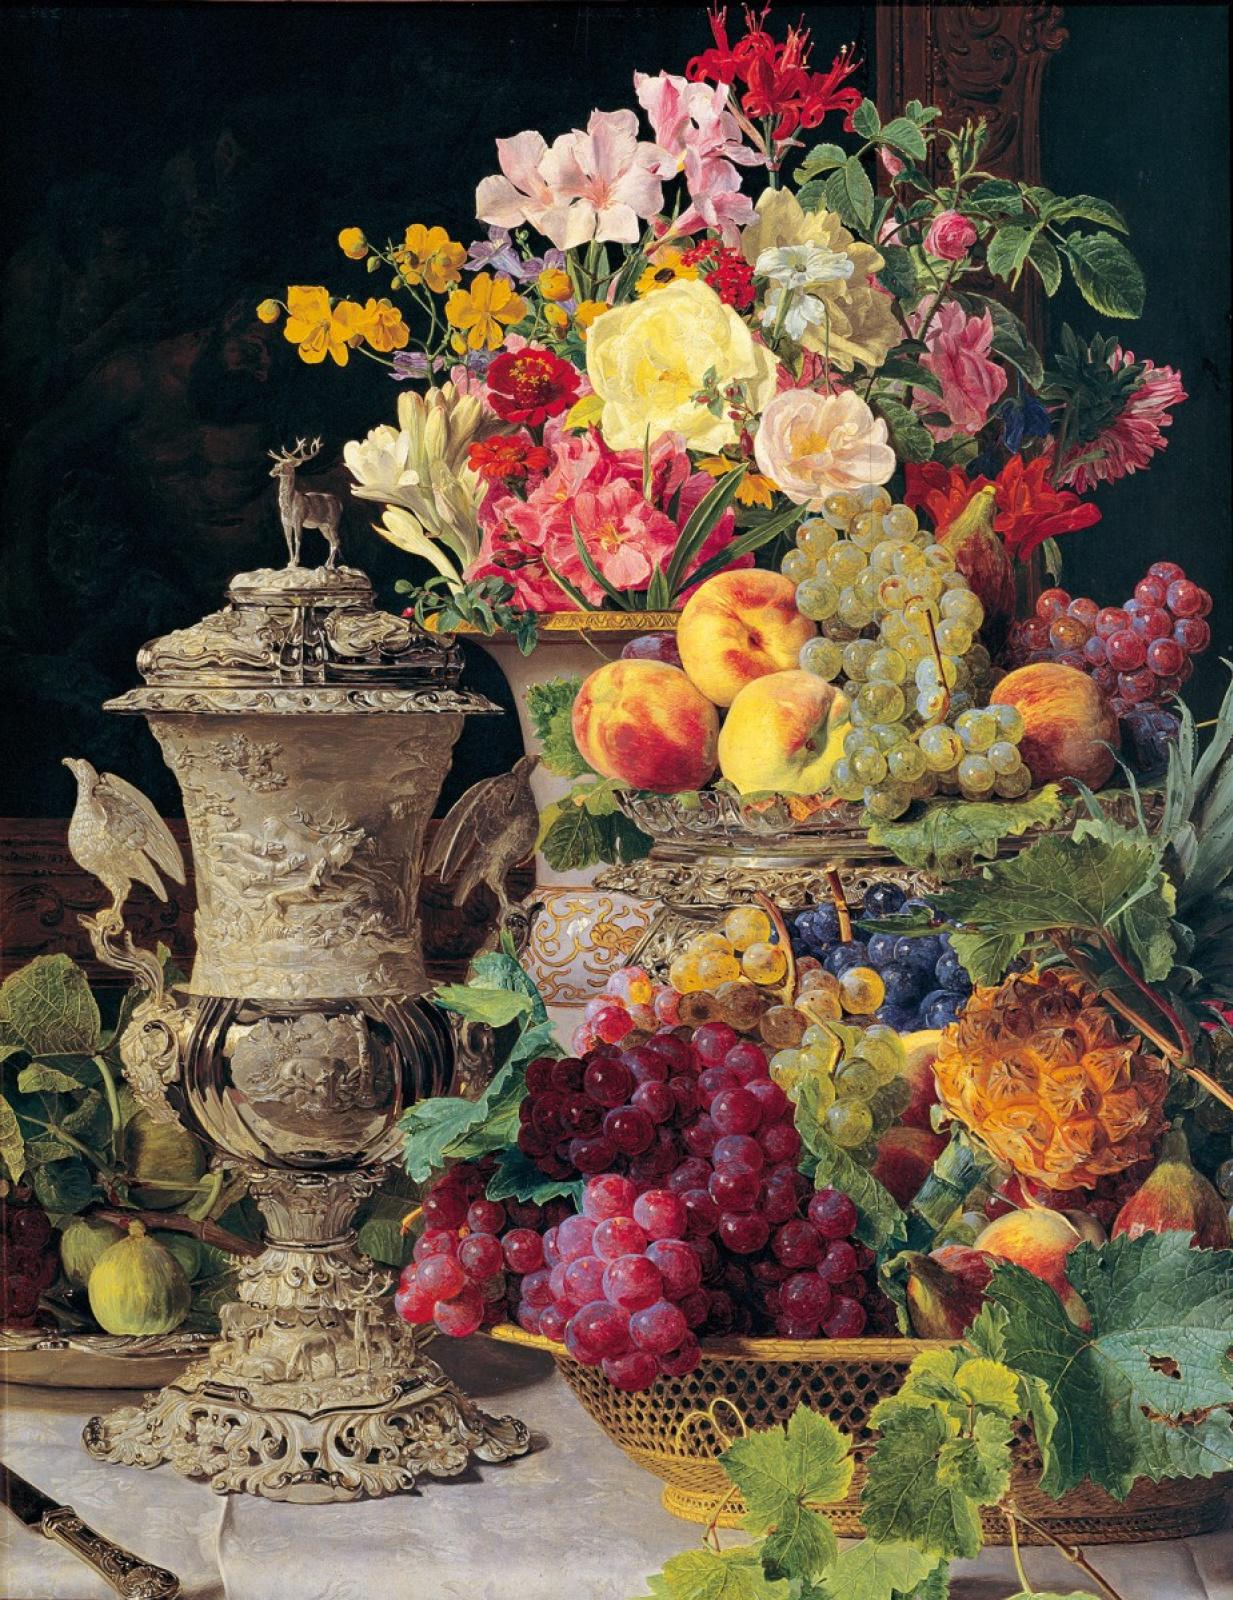 Фердинанд Георг Вальдмюллер. Натюрморт с фруктами, цветами и серебряной чашей